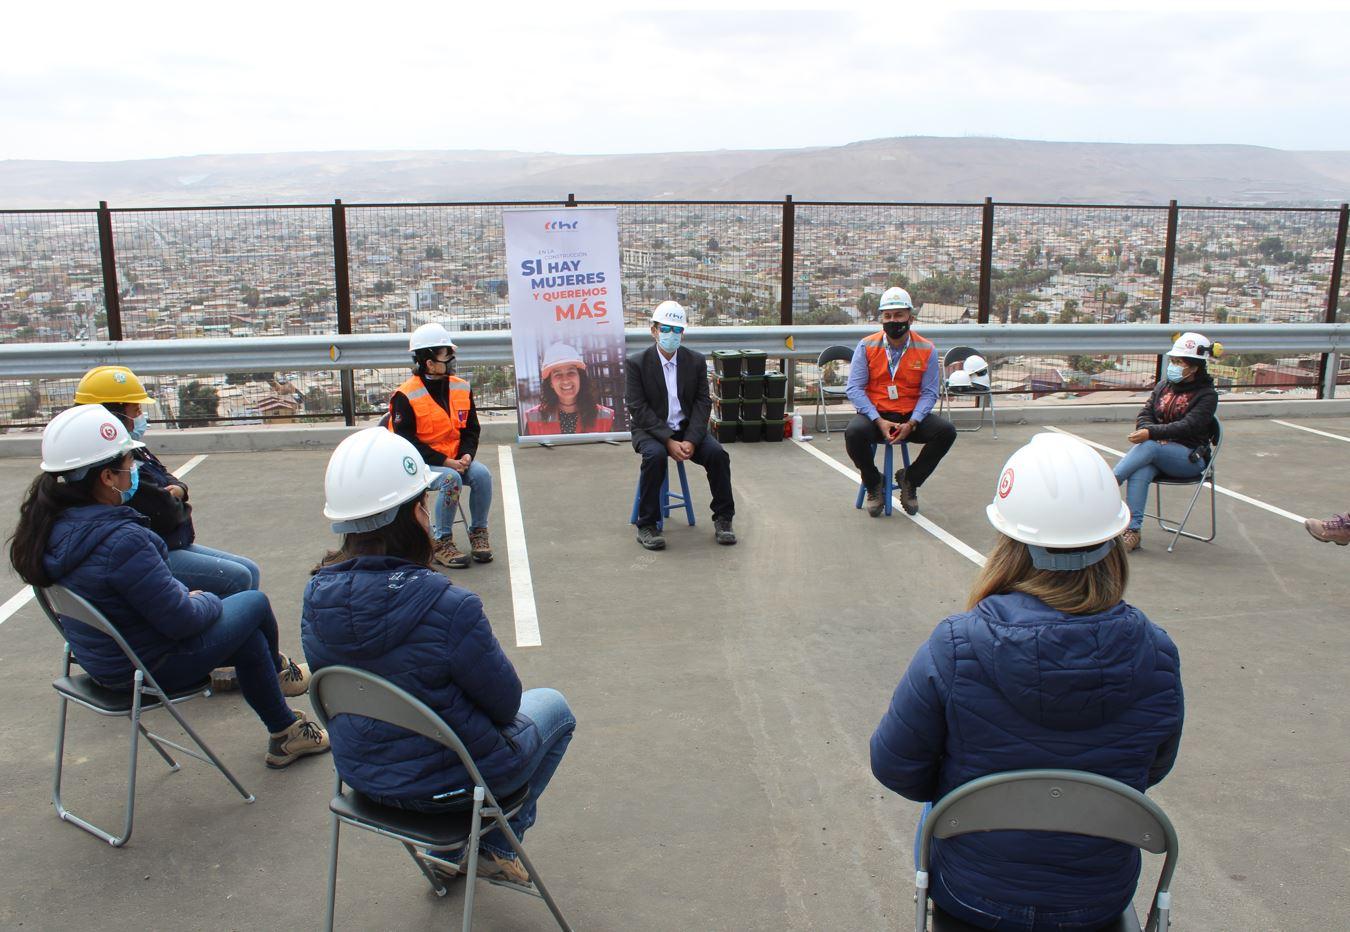 """CChC destaca el rol de las trabajadoras y lanza Campaña """"En la construcción, sí hay mujeres y queremos más"""" noticias"""